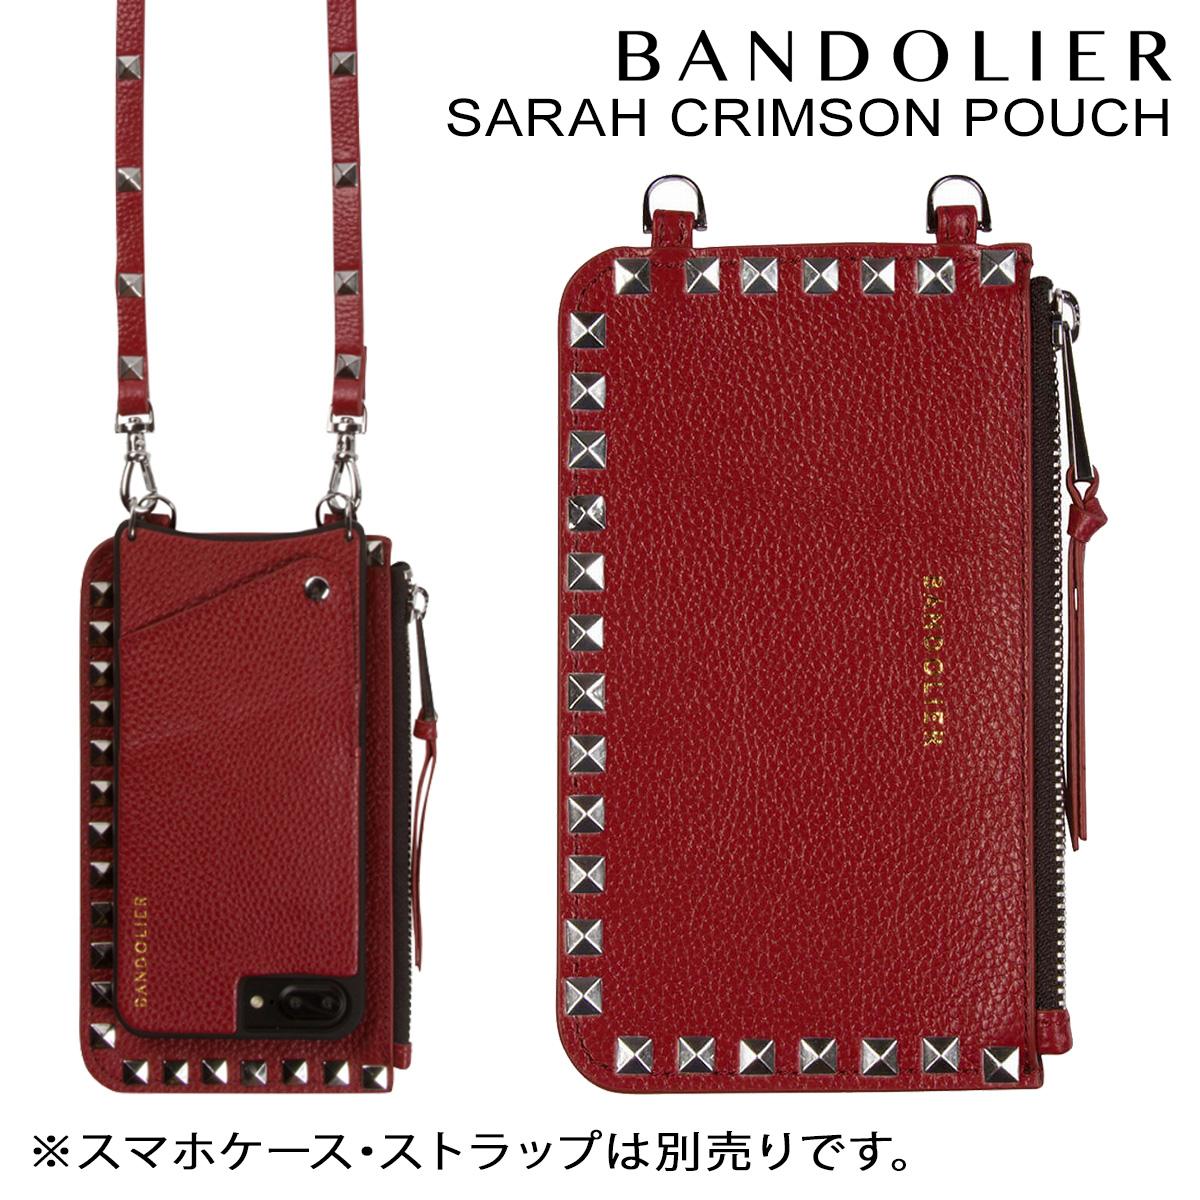 バンドリヤー BANDOLIER ポーチ SARAH CRIMSON POUCH レザー メンズ レディース レッド [10/25 新入荷]